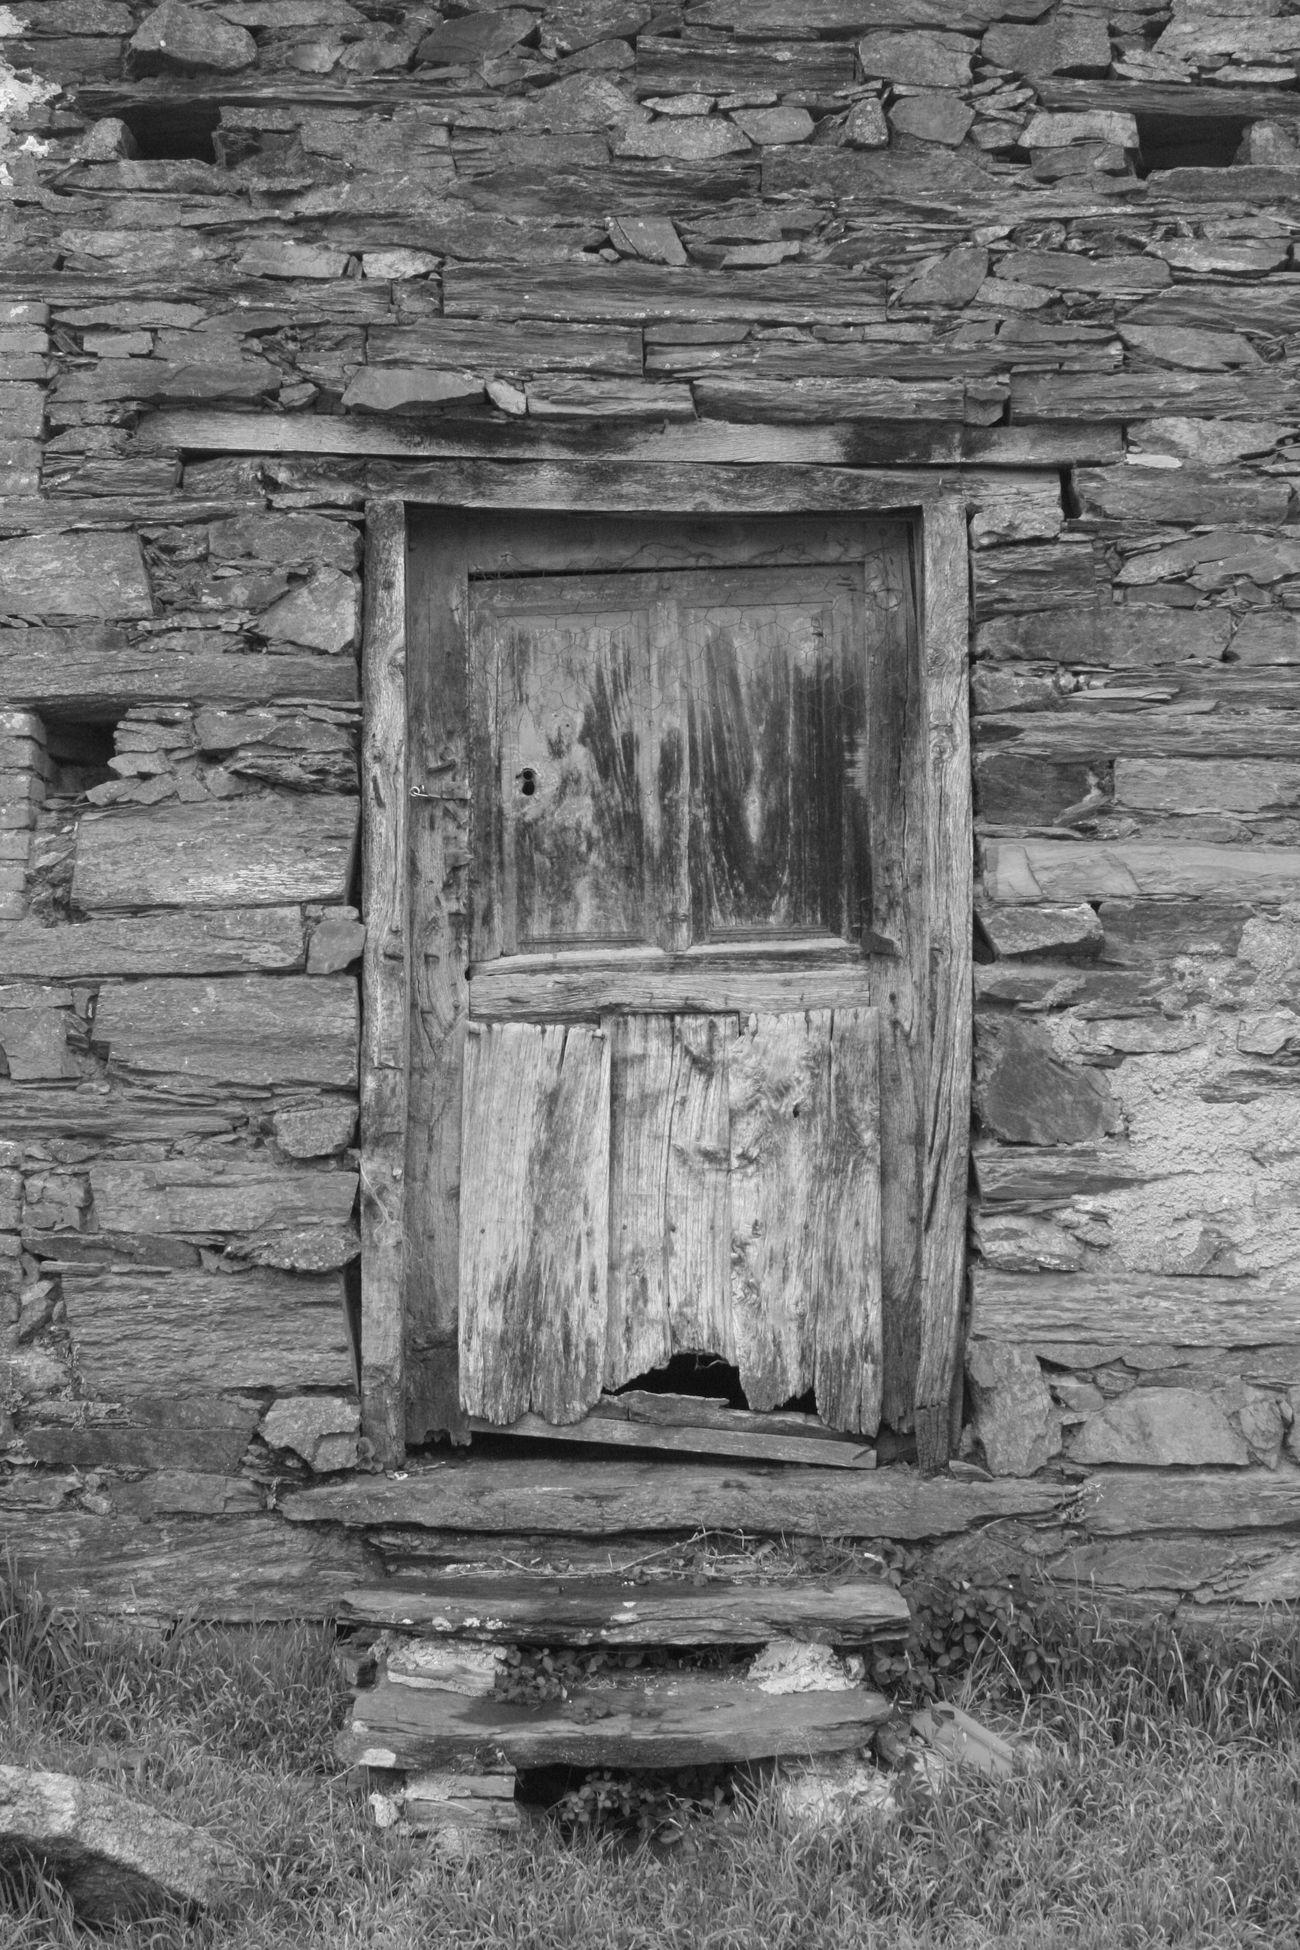 Abandoned Architecture Building Exterior Door Doors Old Outdoors Pueblos De España Puerta Wood Wood - Material Zamora